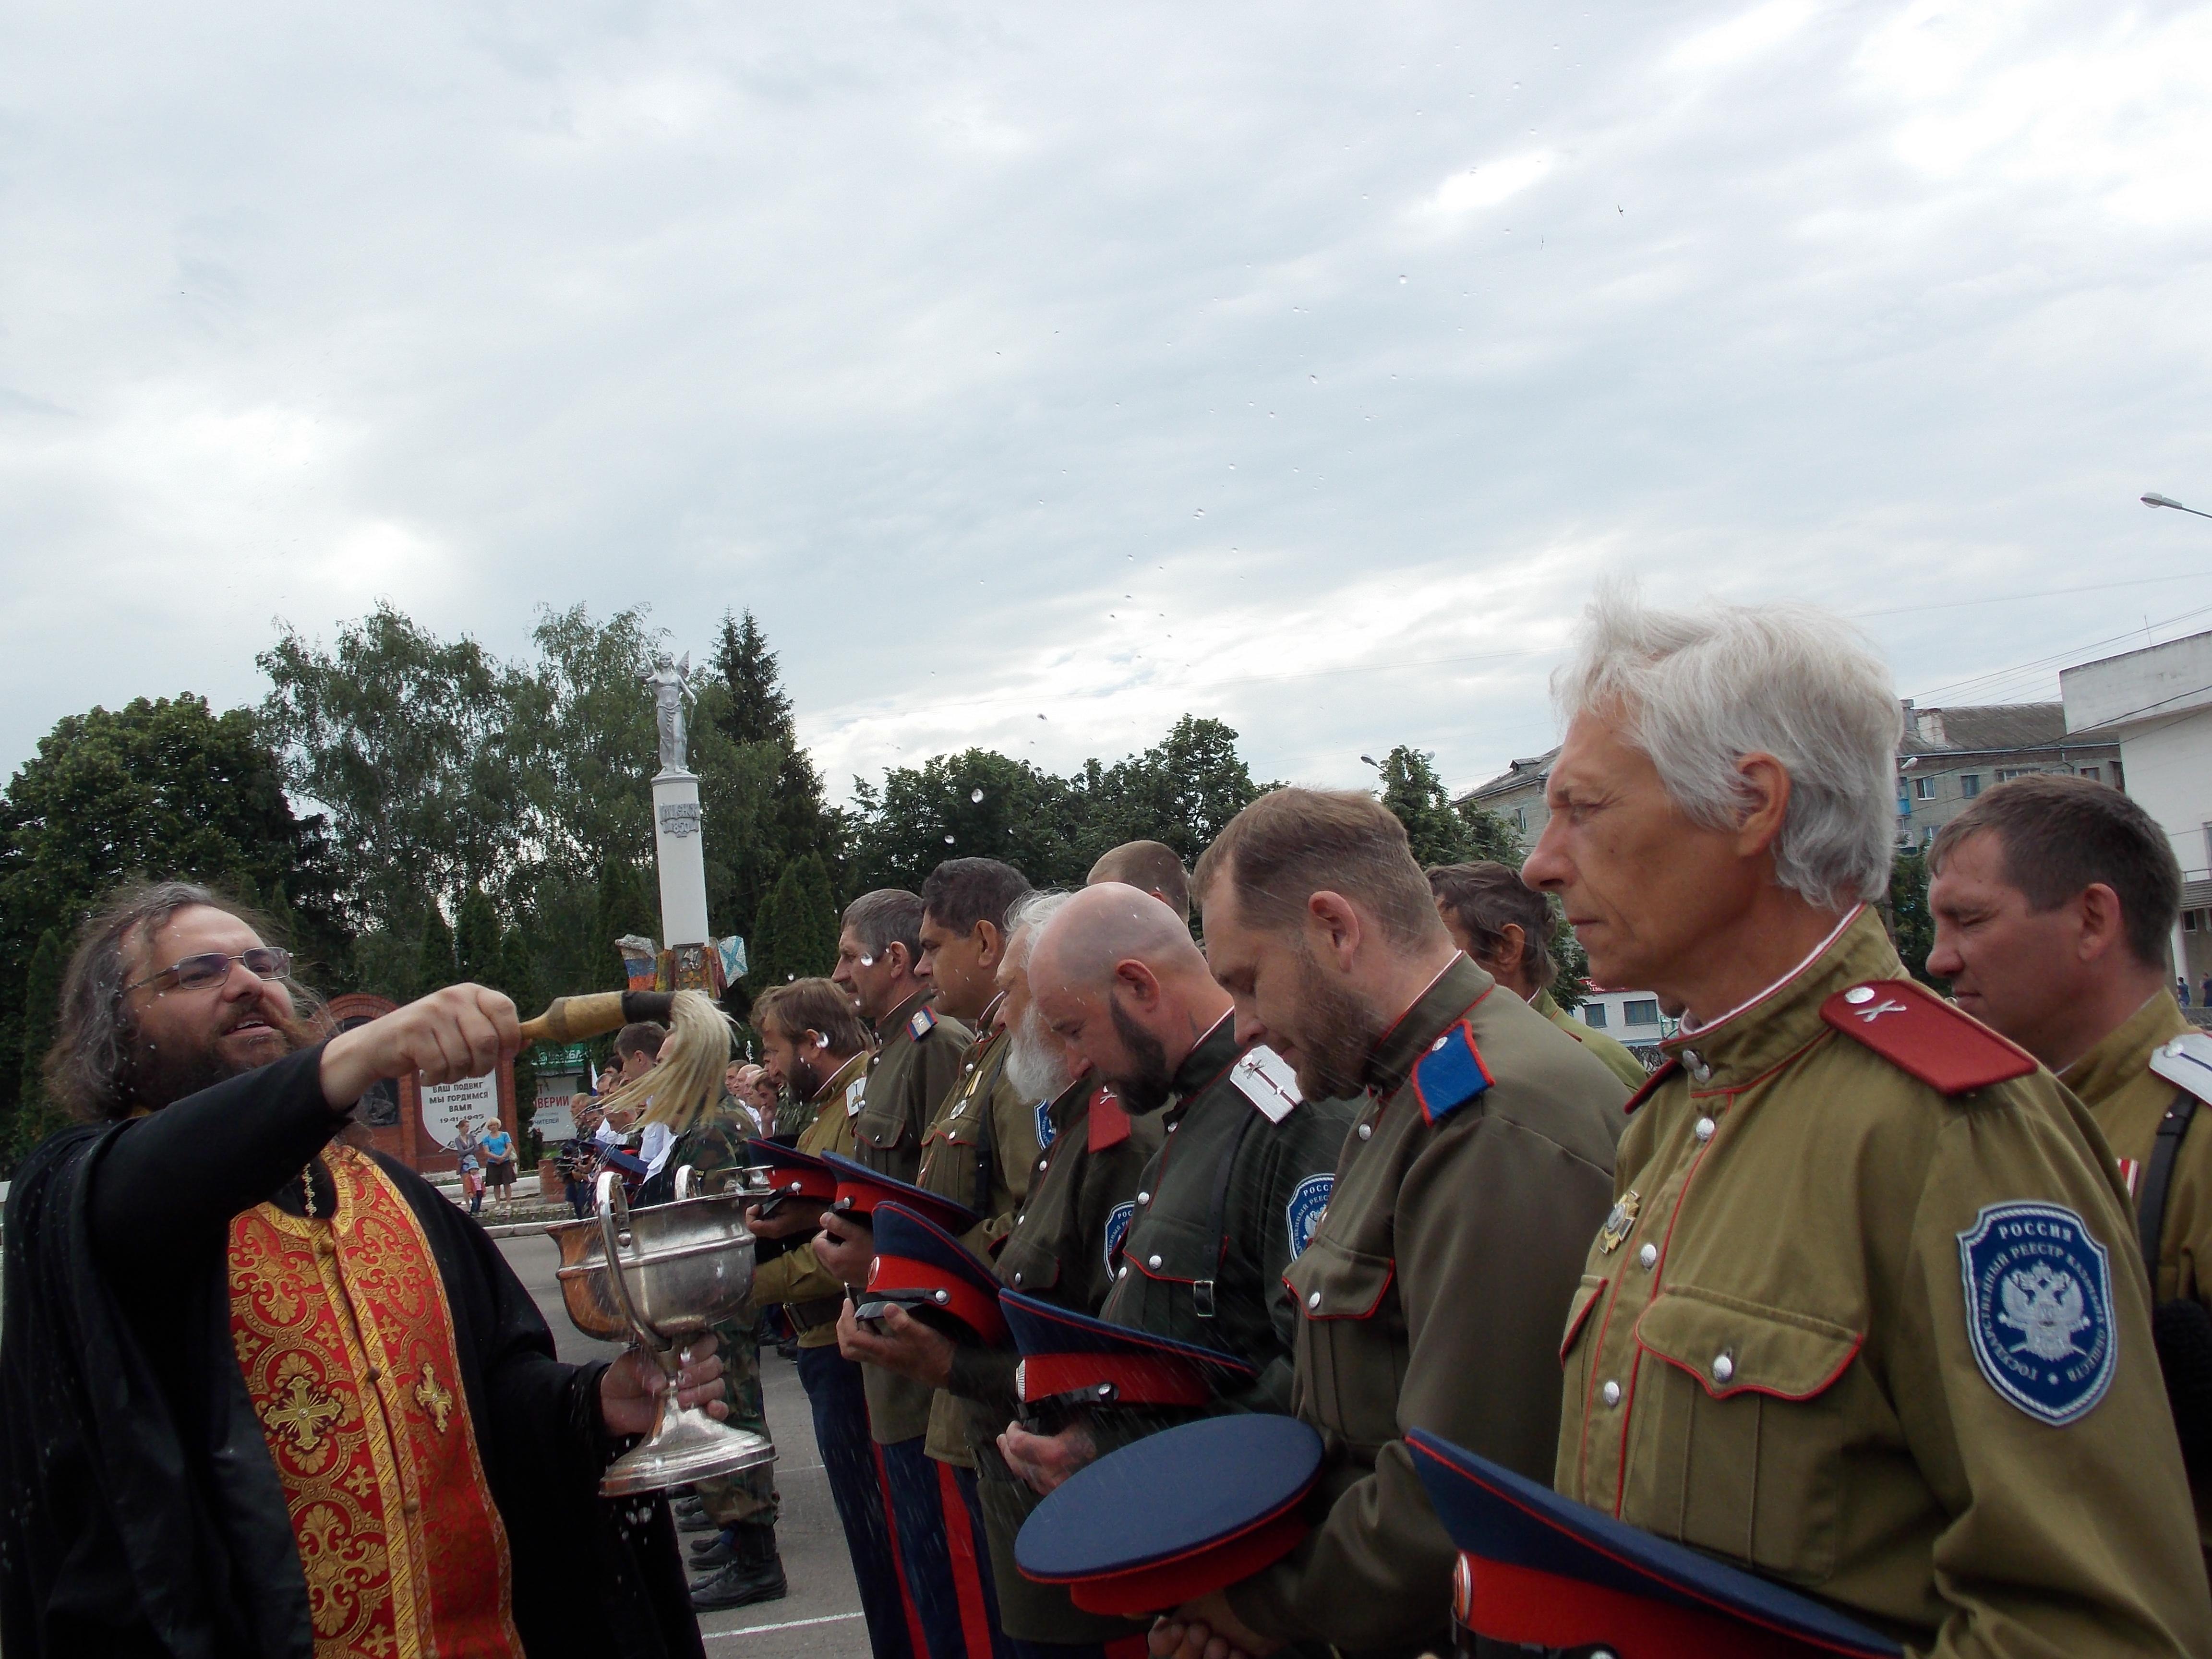 31 мая 2014. г. Мценск. Строевой смотр казачьих подразделений.